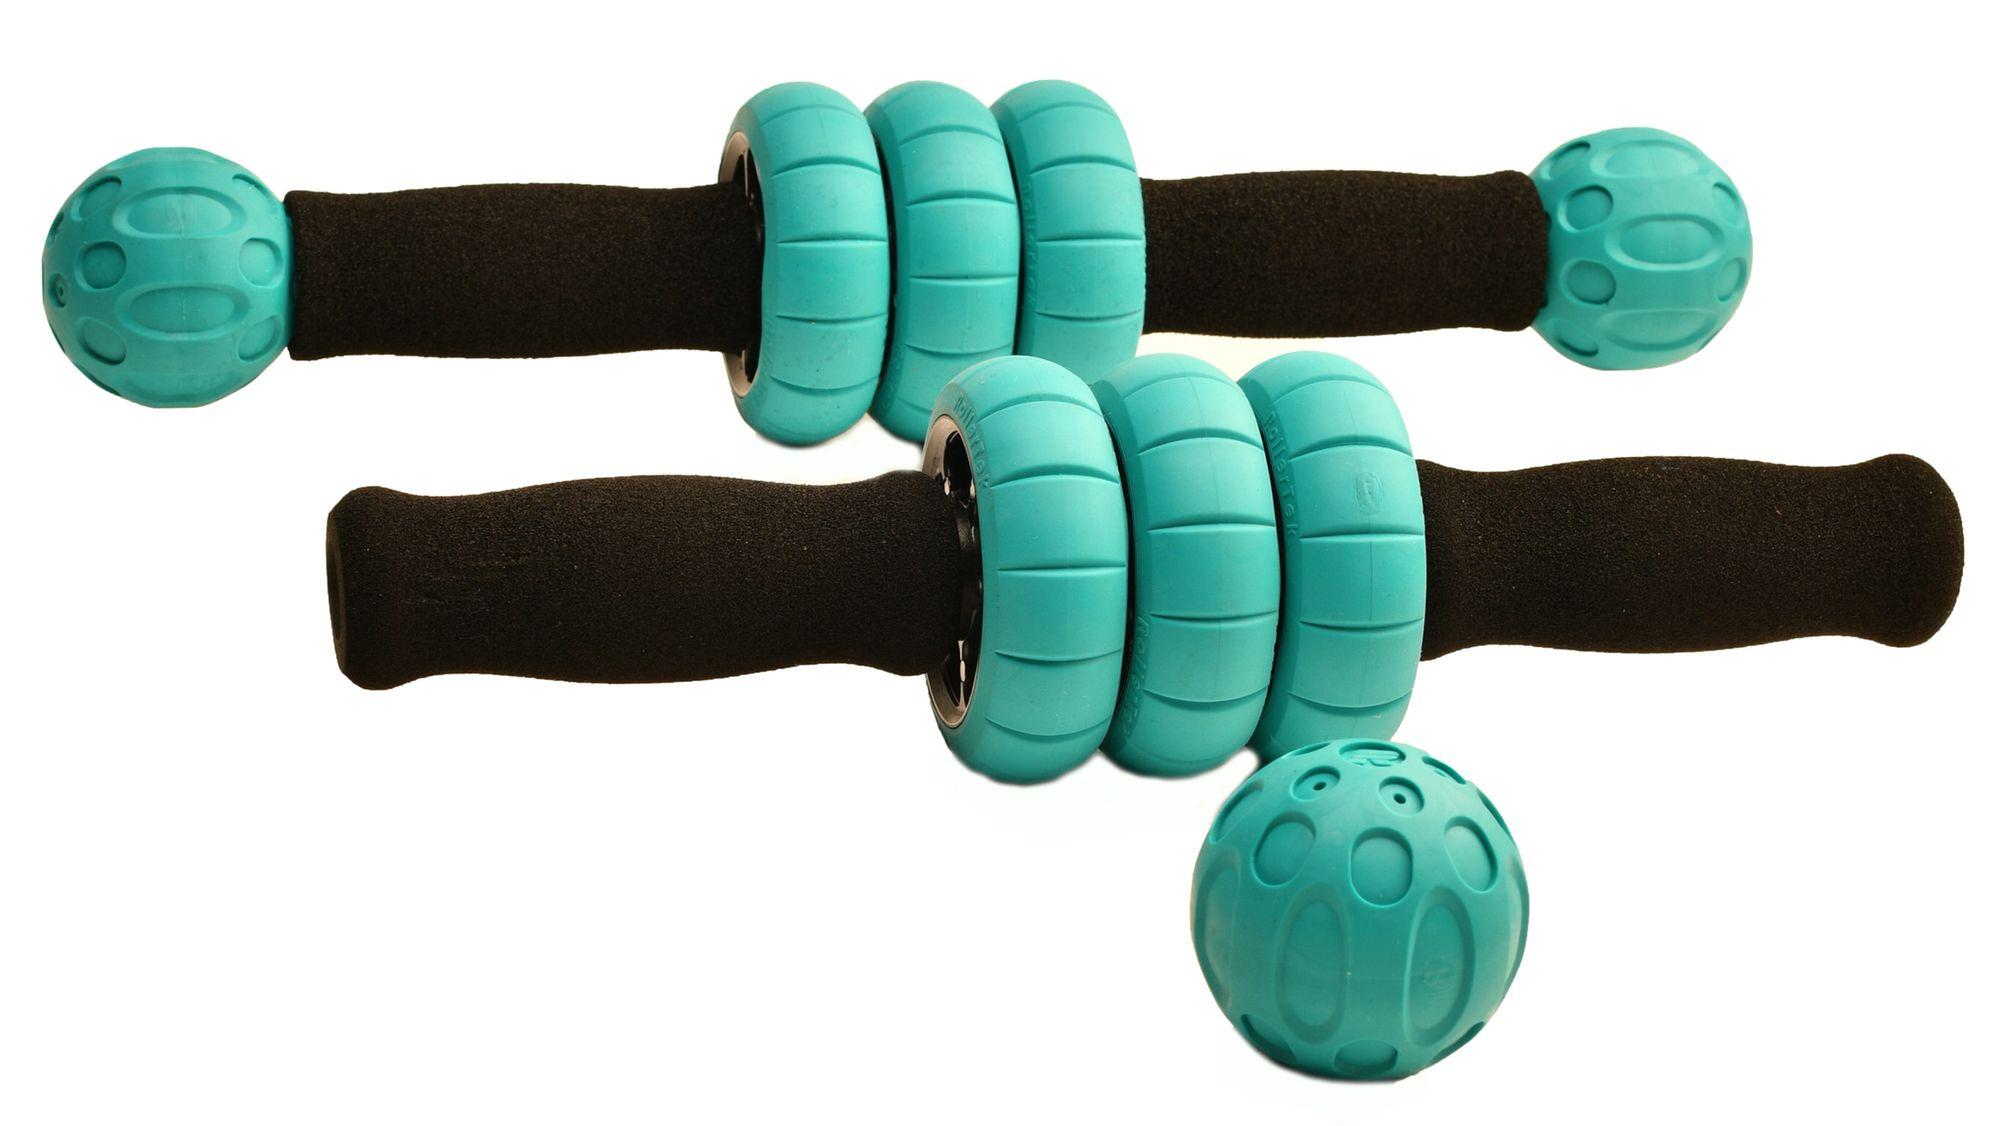 Pin by RollerTek on Sports Massage Self Myofascial